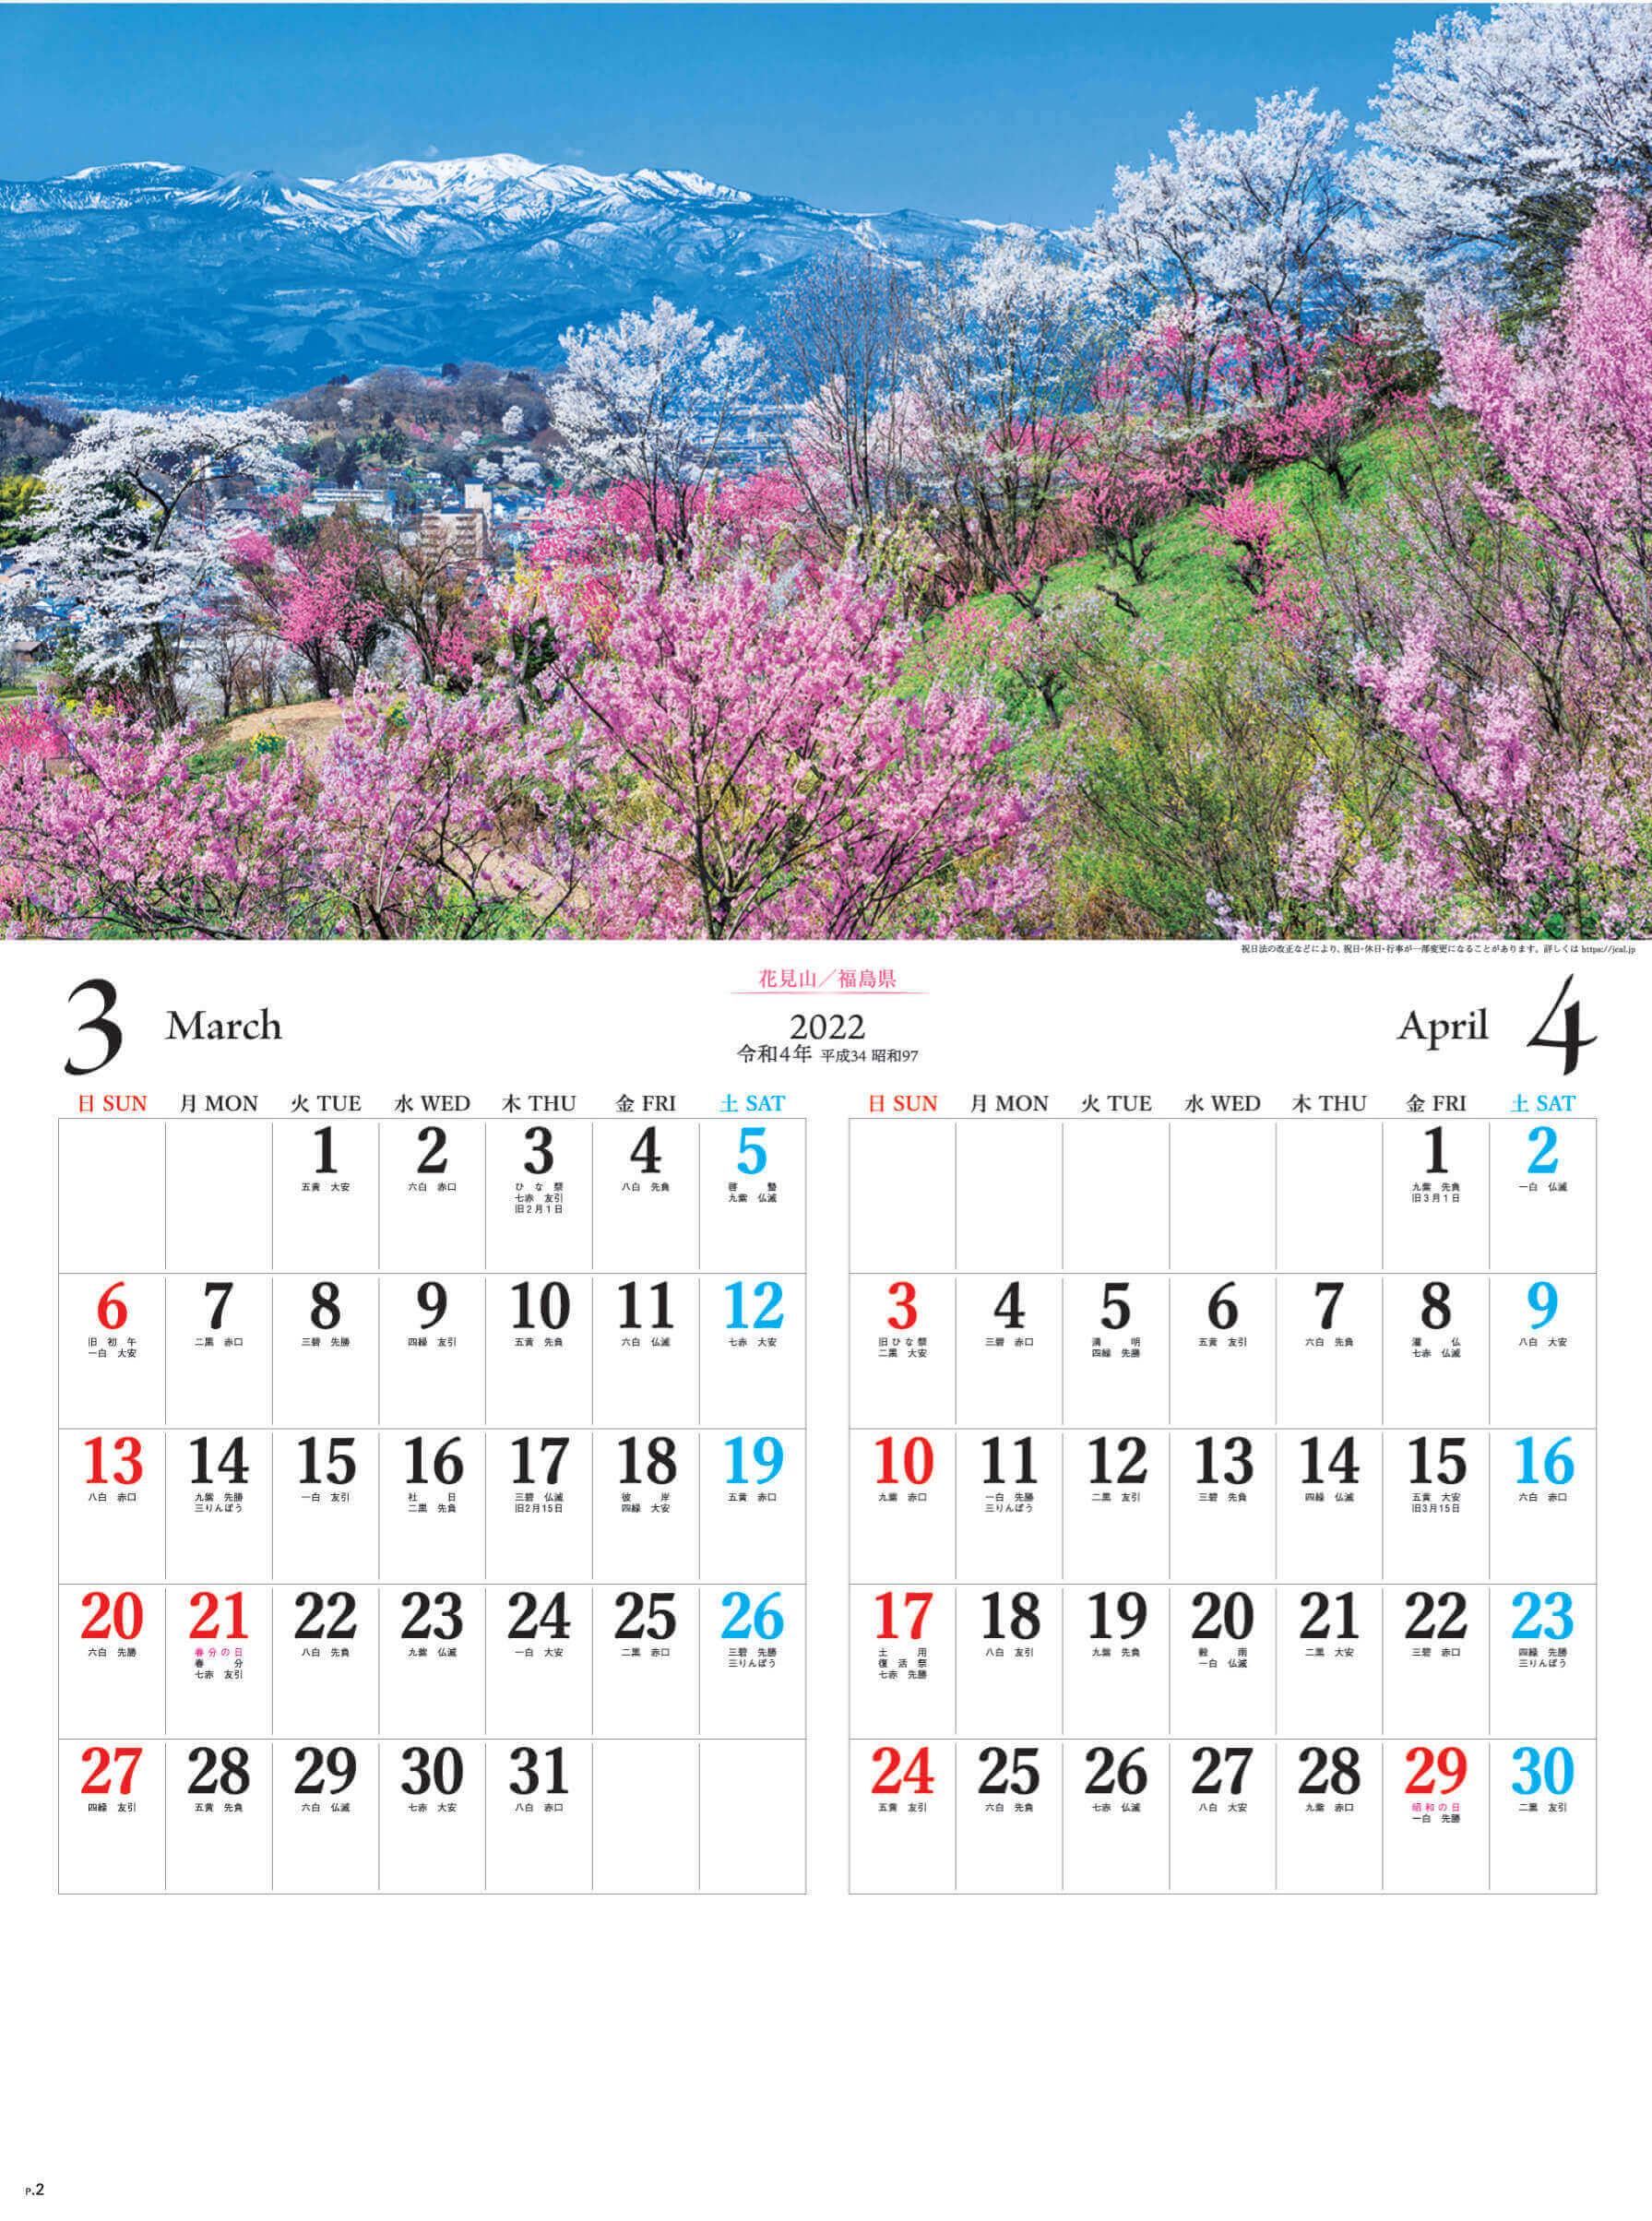 3-4月 花見山(福島) 日本六景 2022年カレンダーの画像